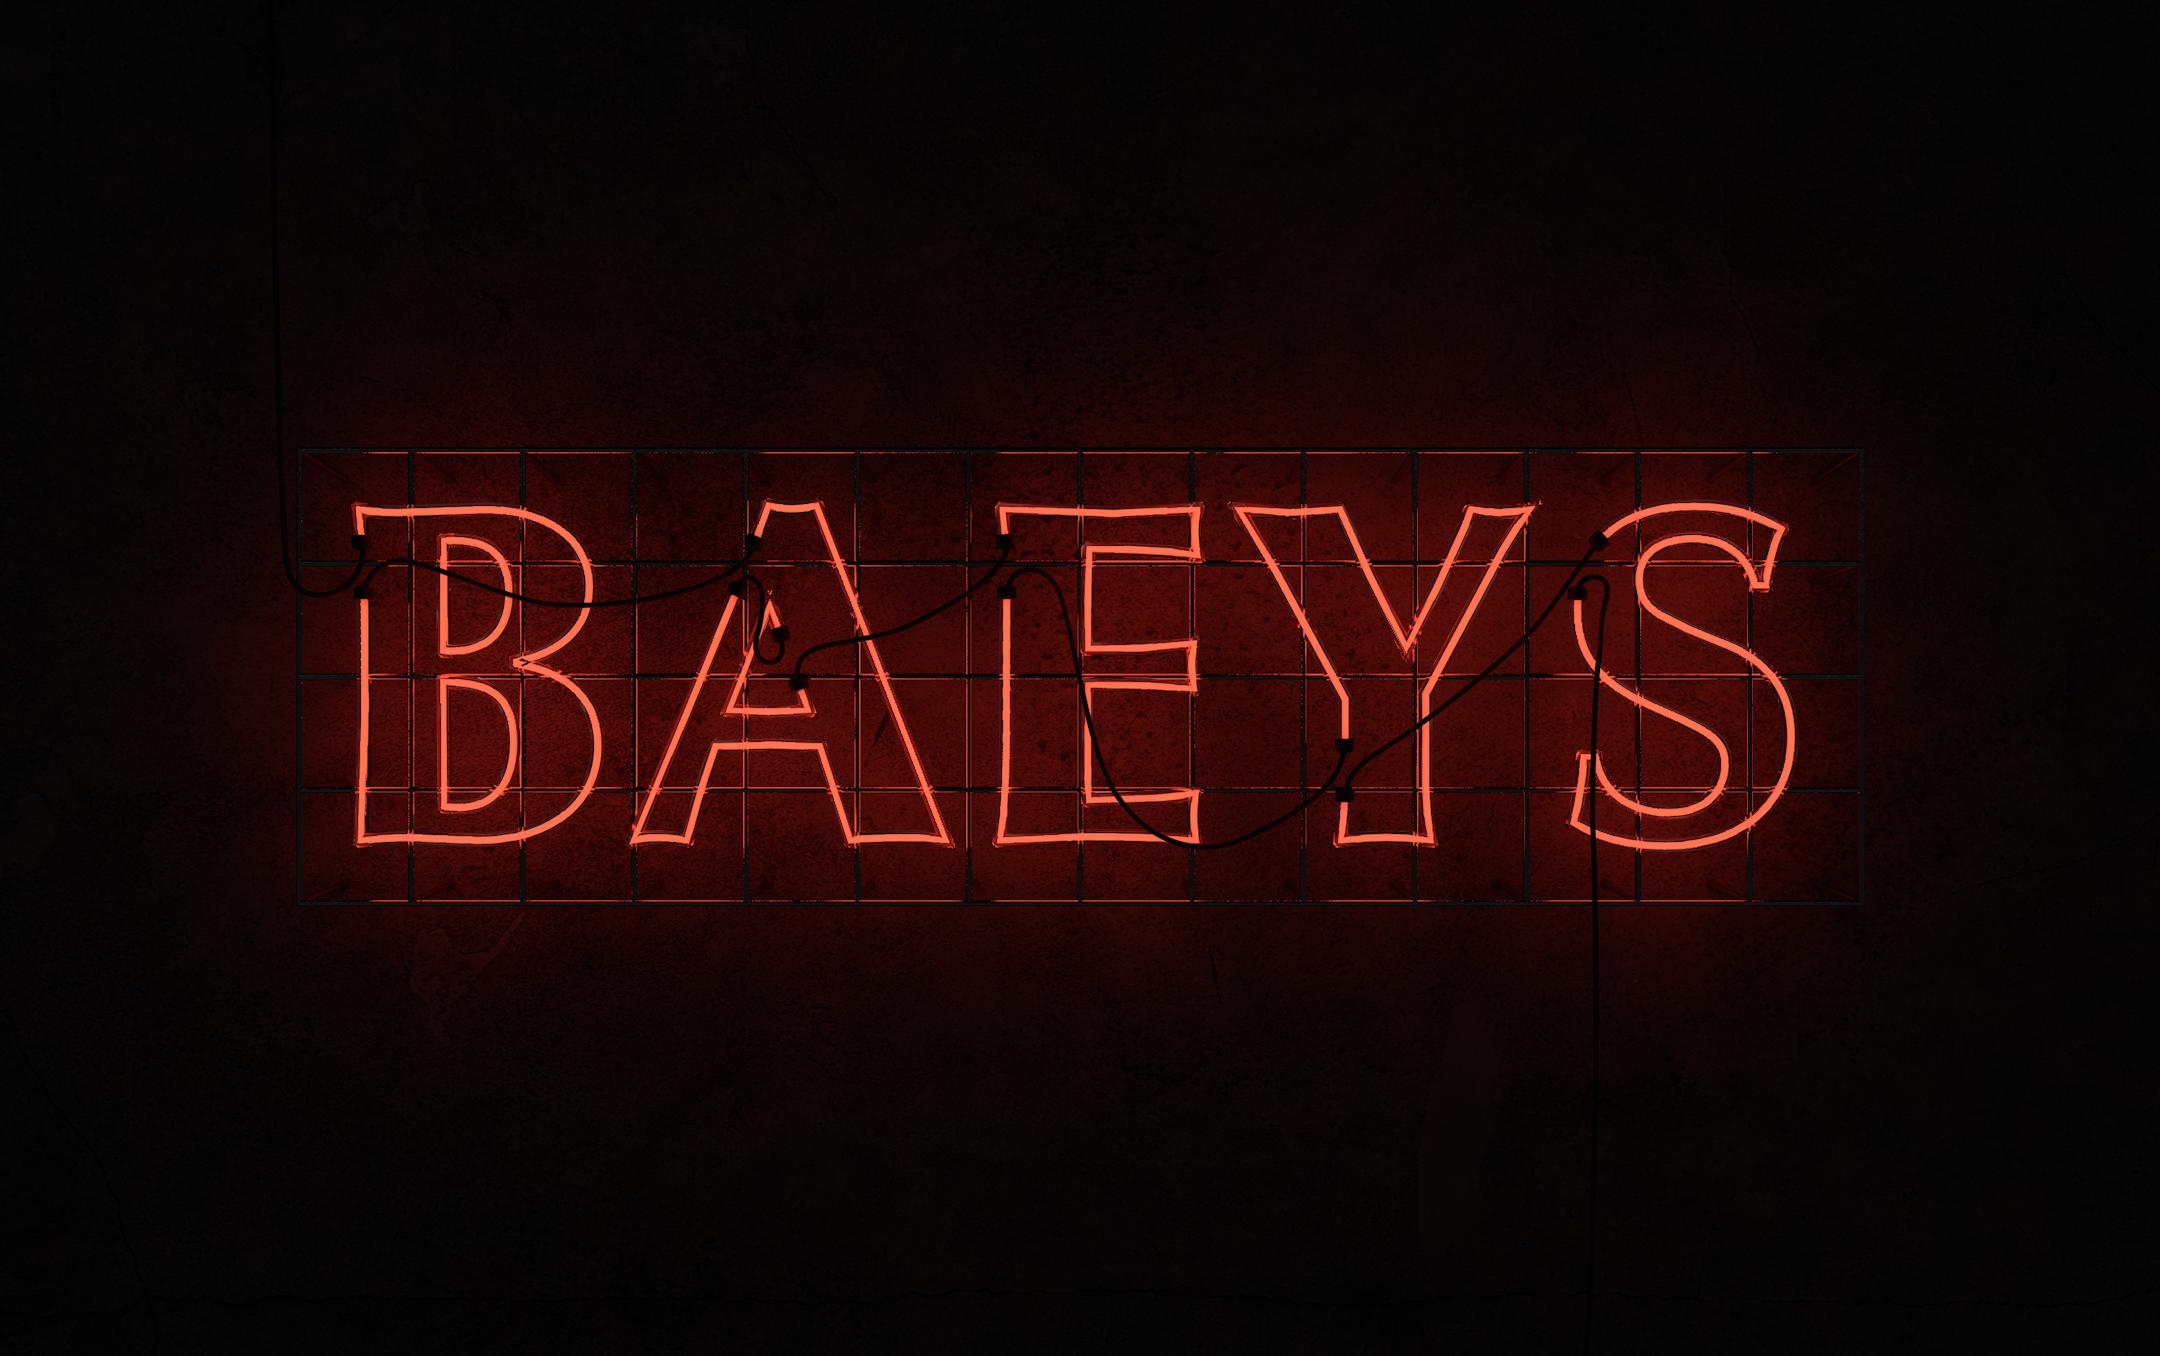 baeys_neon